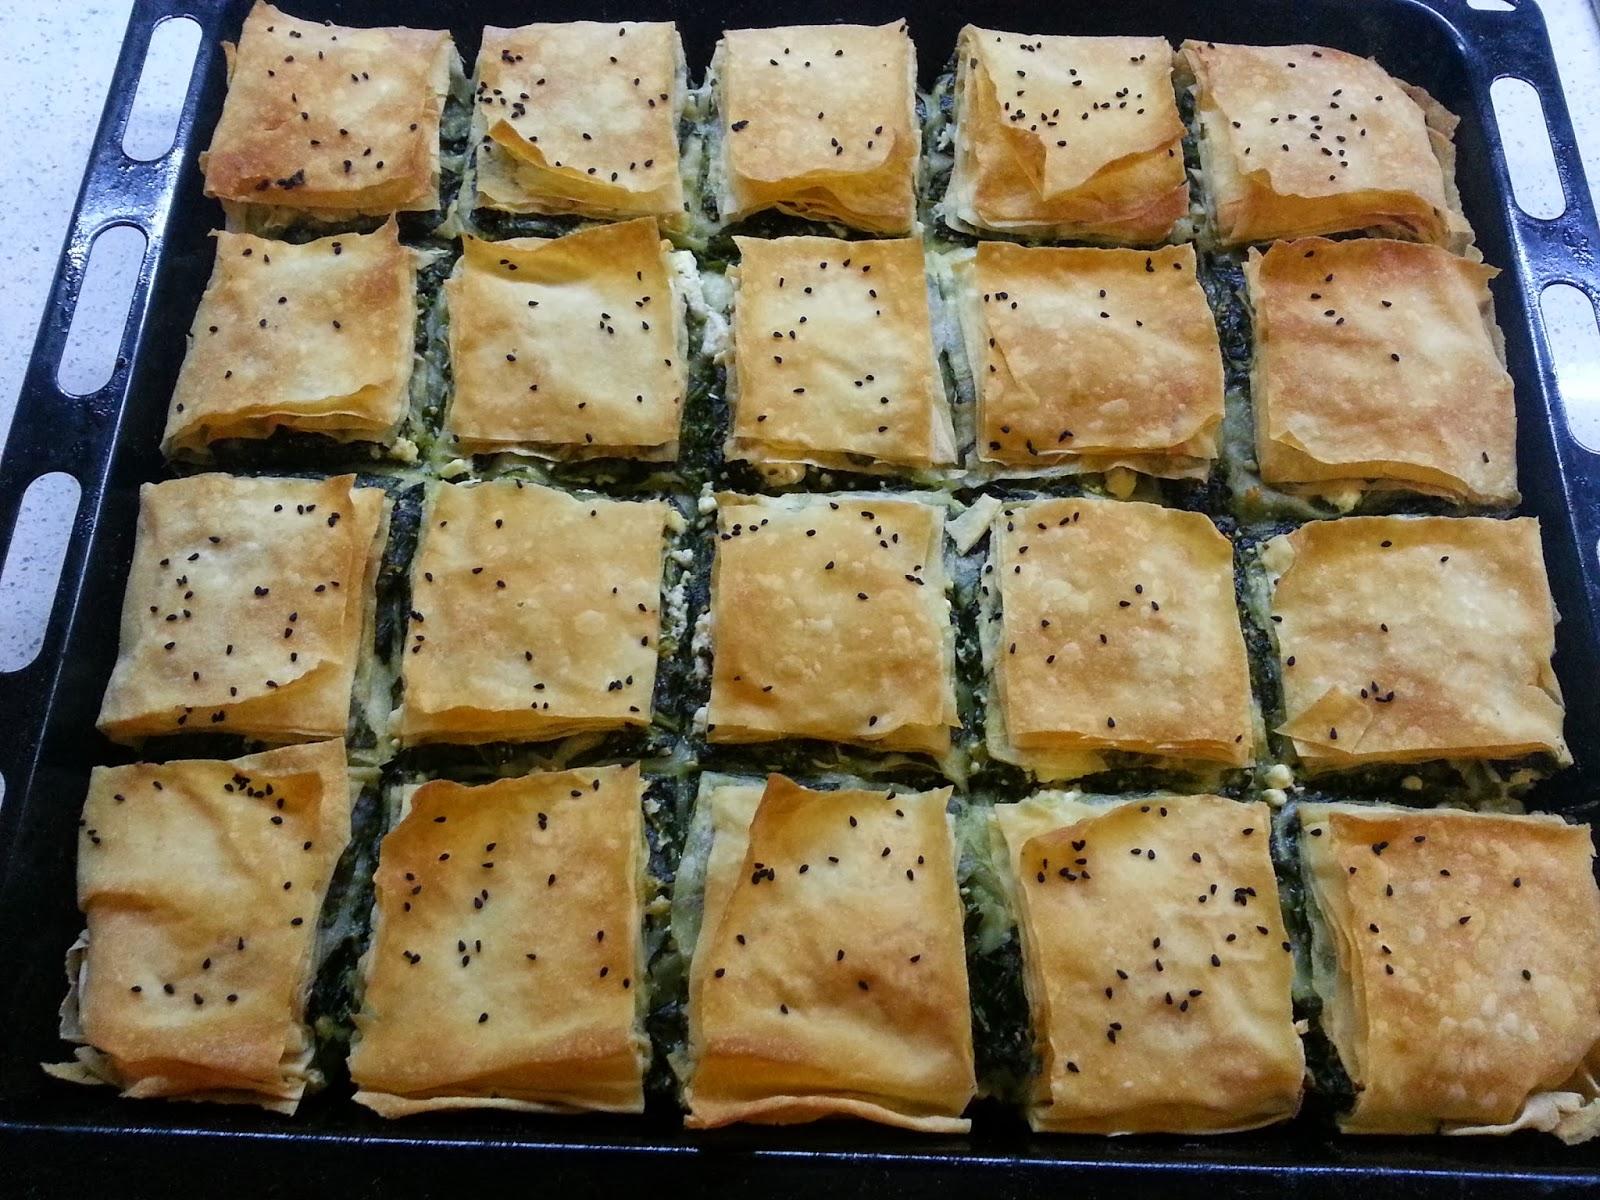 ıspanaklı börek, ıspanak yemeği, ne pişirsem, börek, çeşit, ikramlık, misafir, yemek, tuzlu, peynirli, yufka